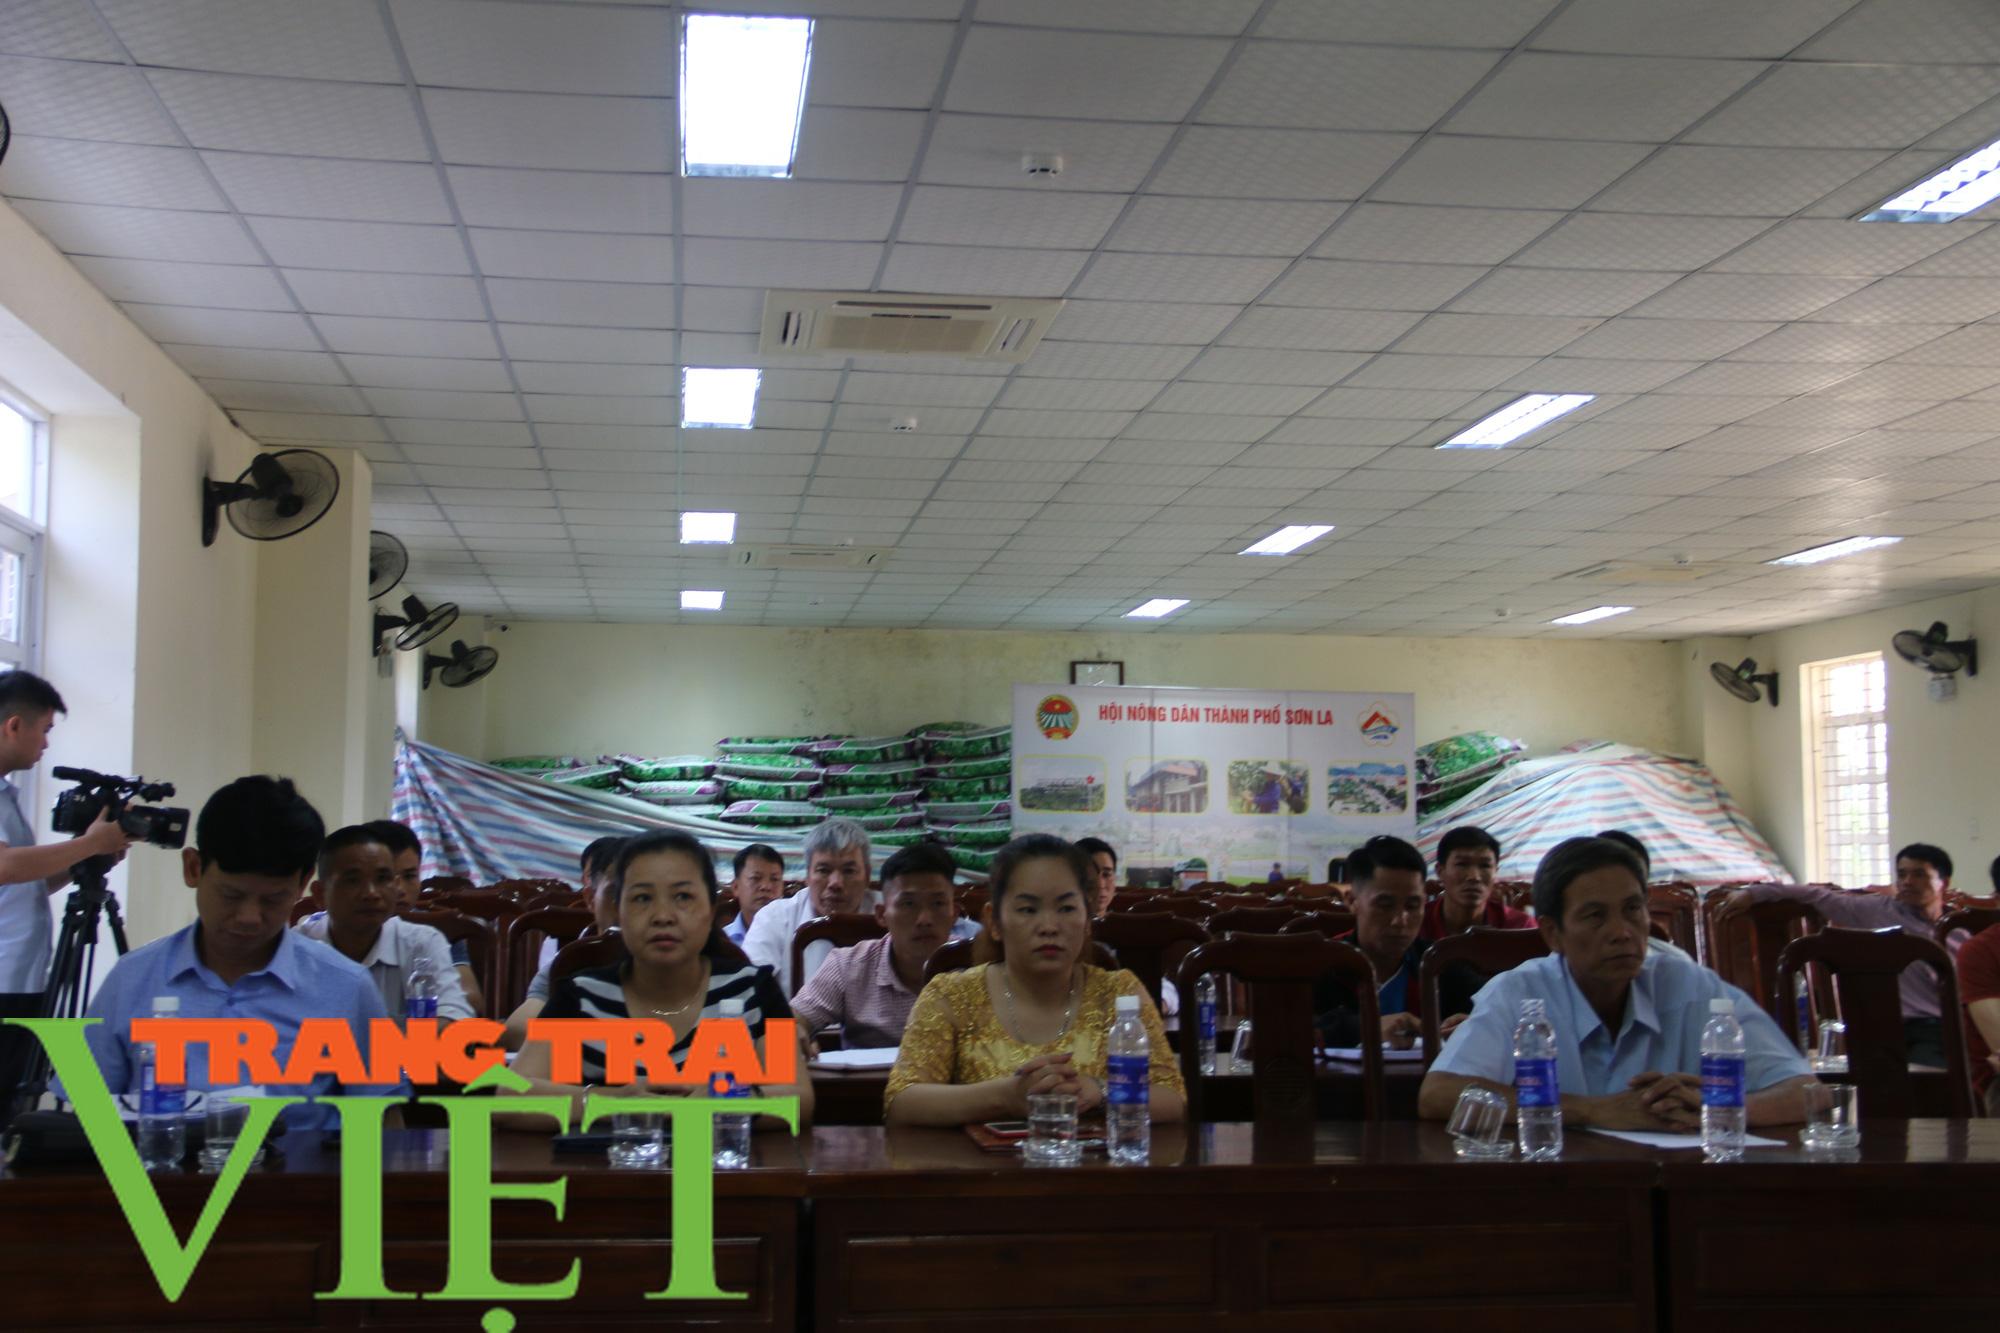 Hội Nông dân Sơn La: Tập huấn đào tạo nông dân thành Tập huấn viên - Ảnh 1.